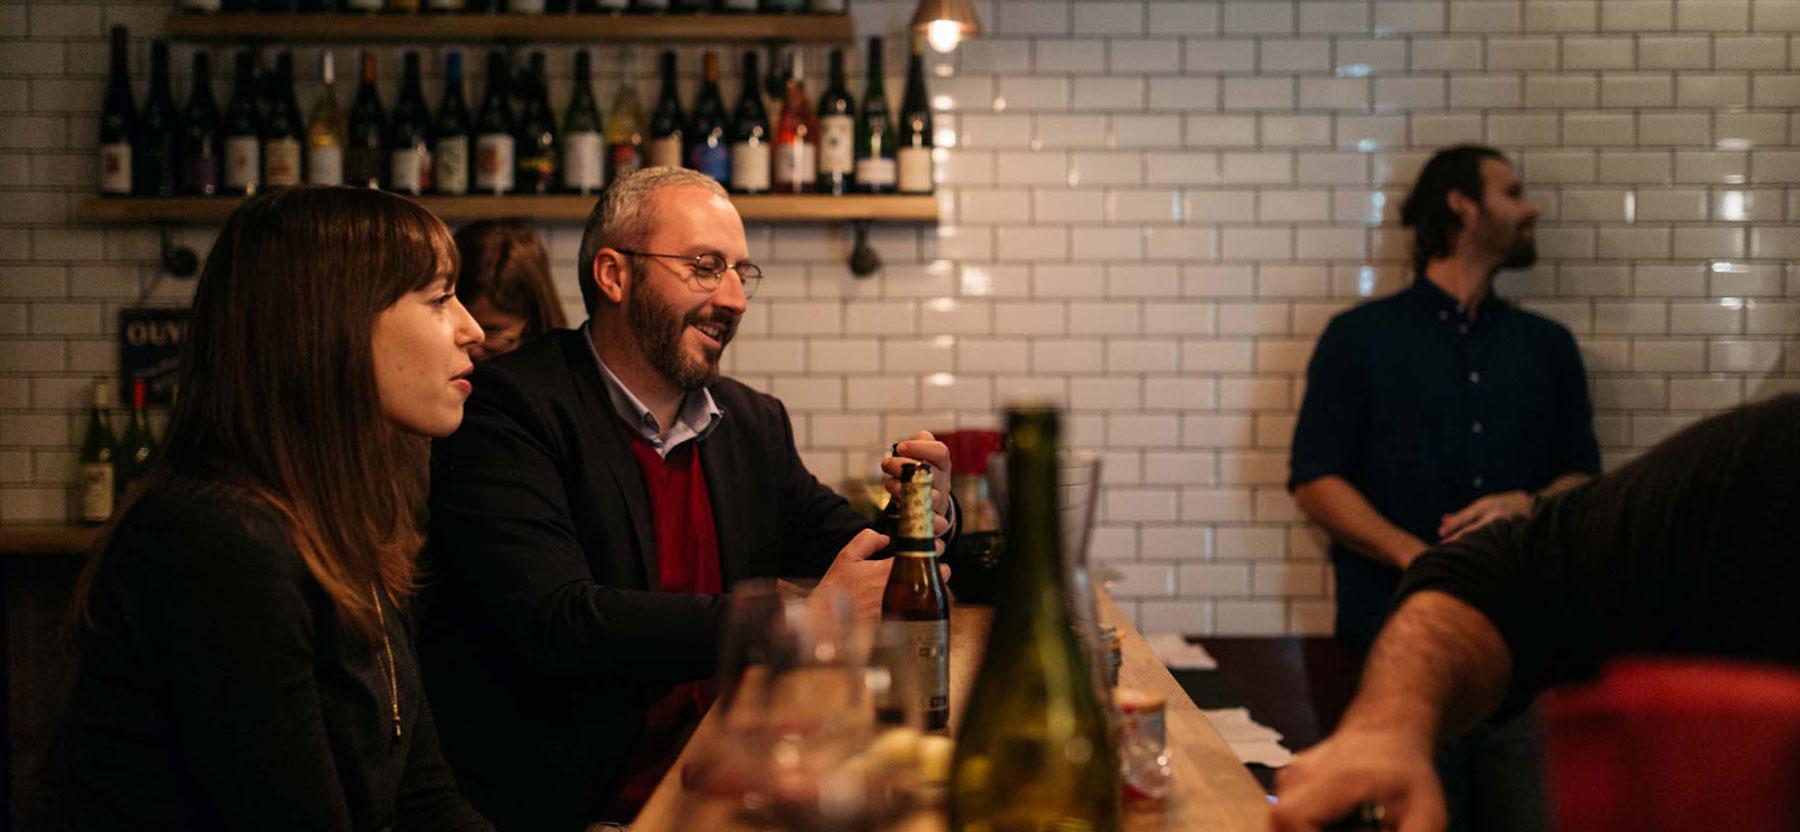 Le_Comptoir_du_Canal_2018_Wine_Cheese_Meat_Banner_2.jpg